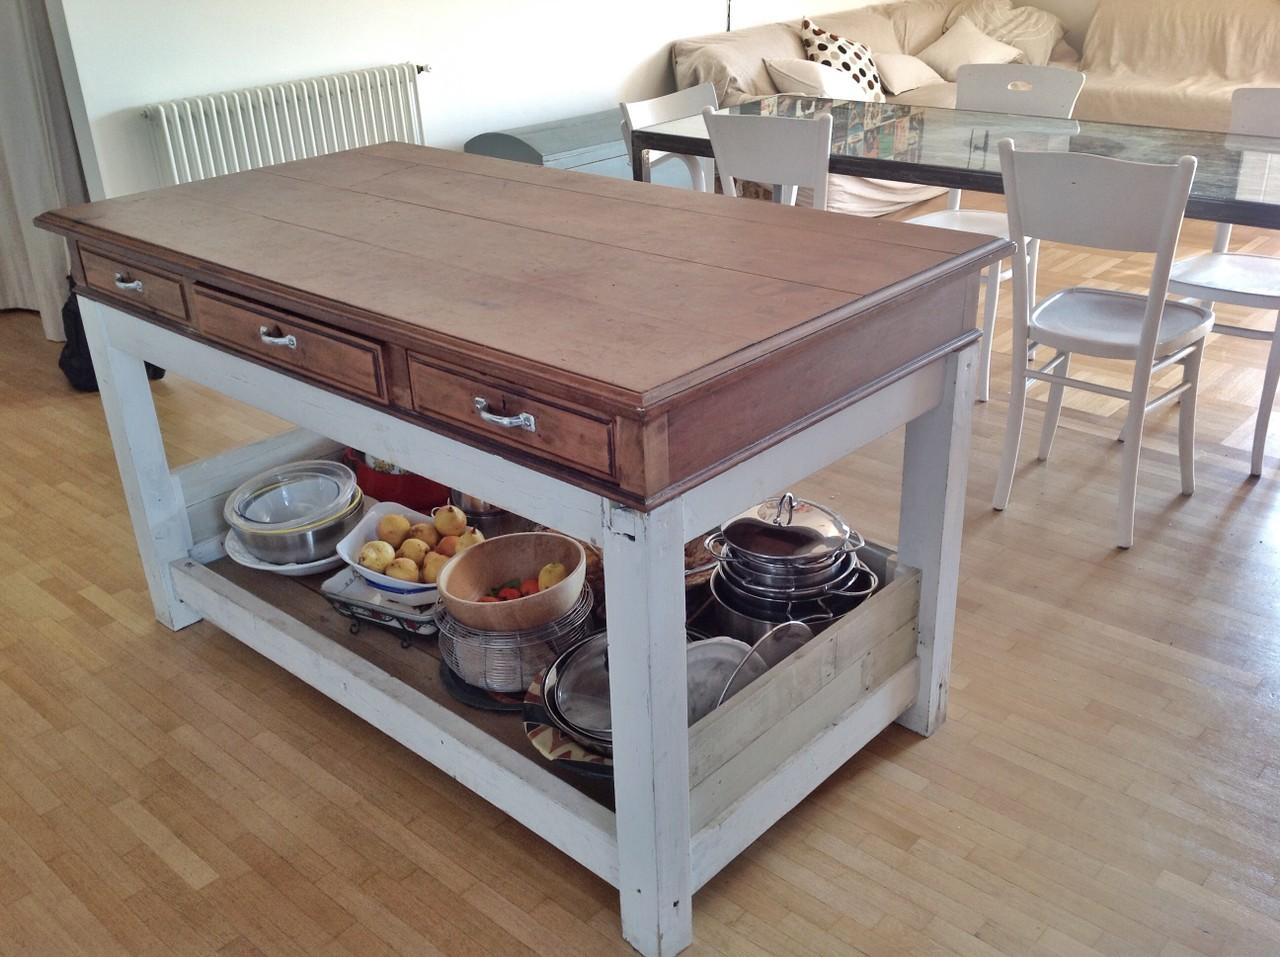 Mobili artigianali per cucine emanuele pricolo - Mobili con legno di recupero ...